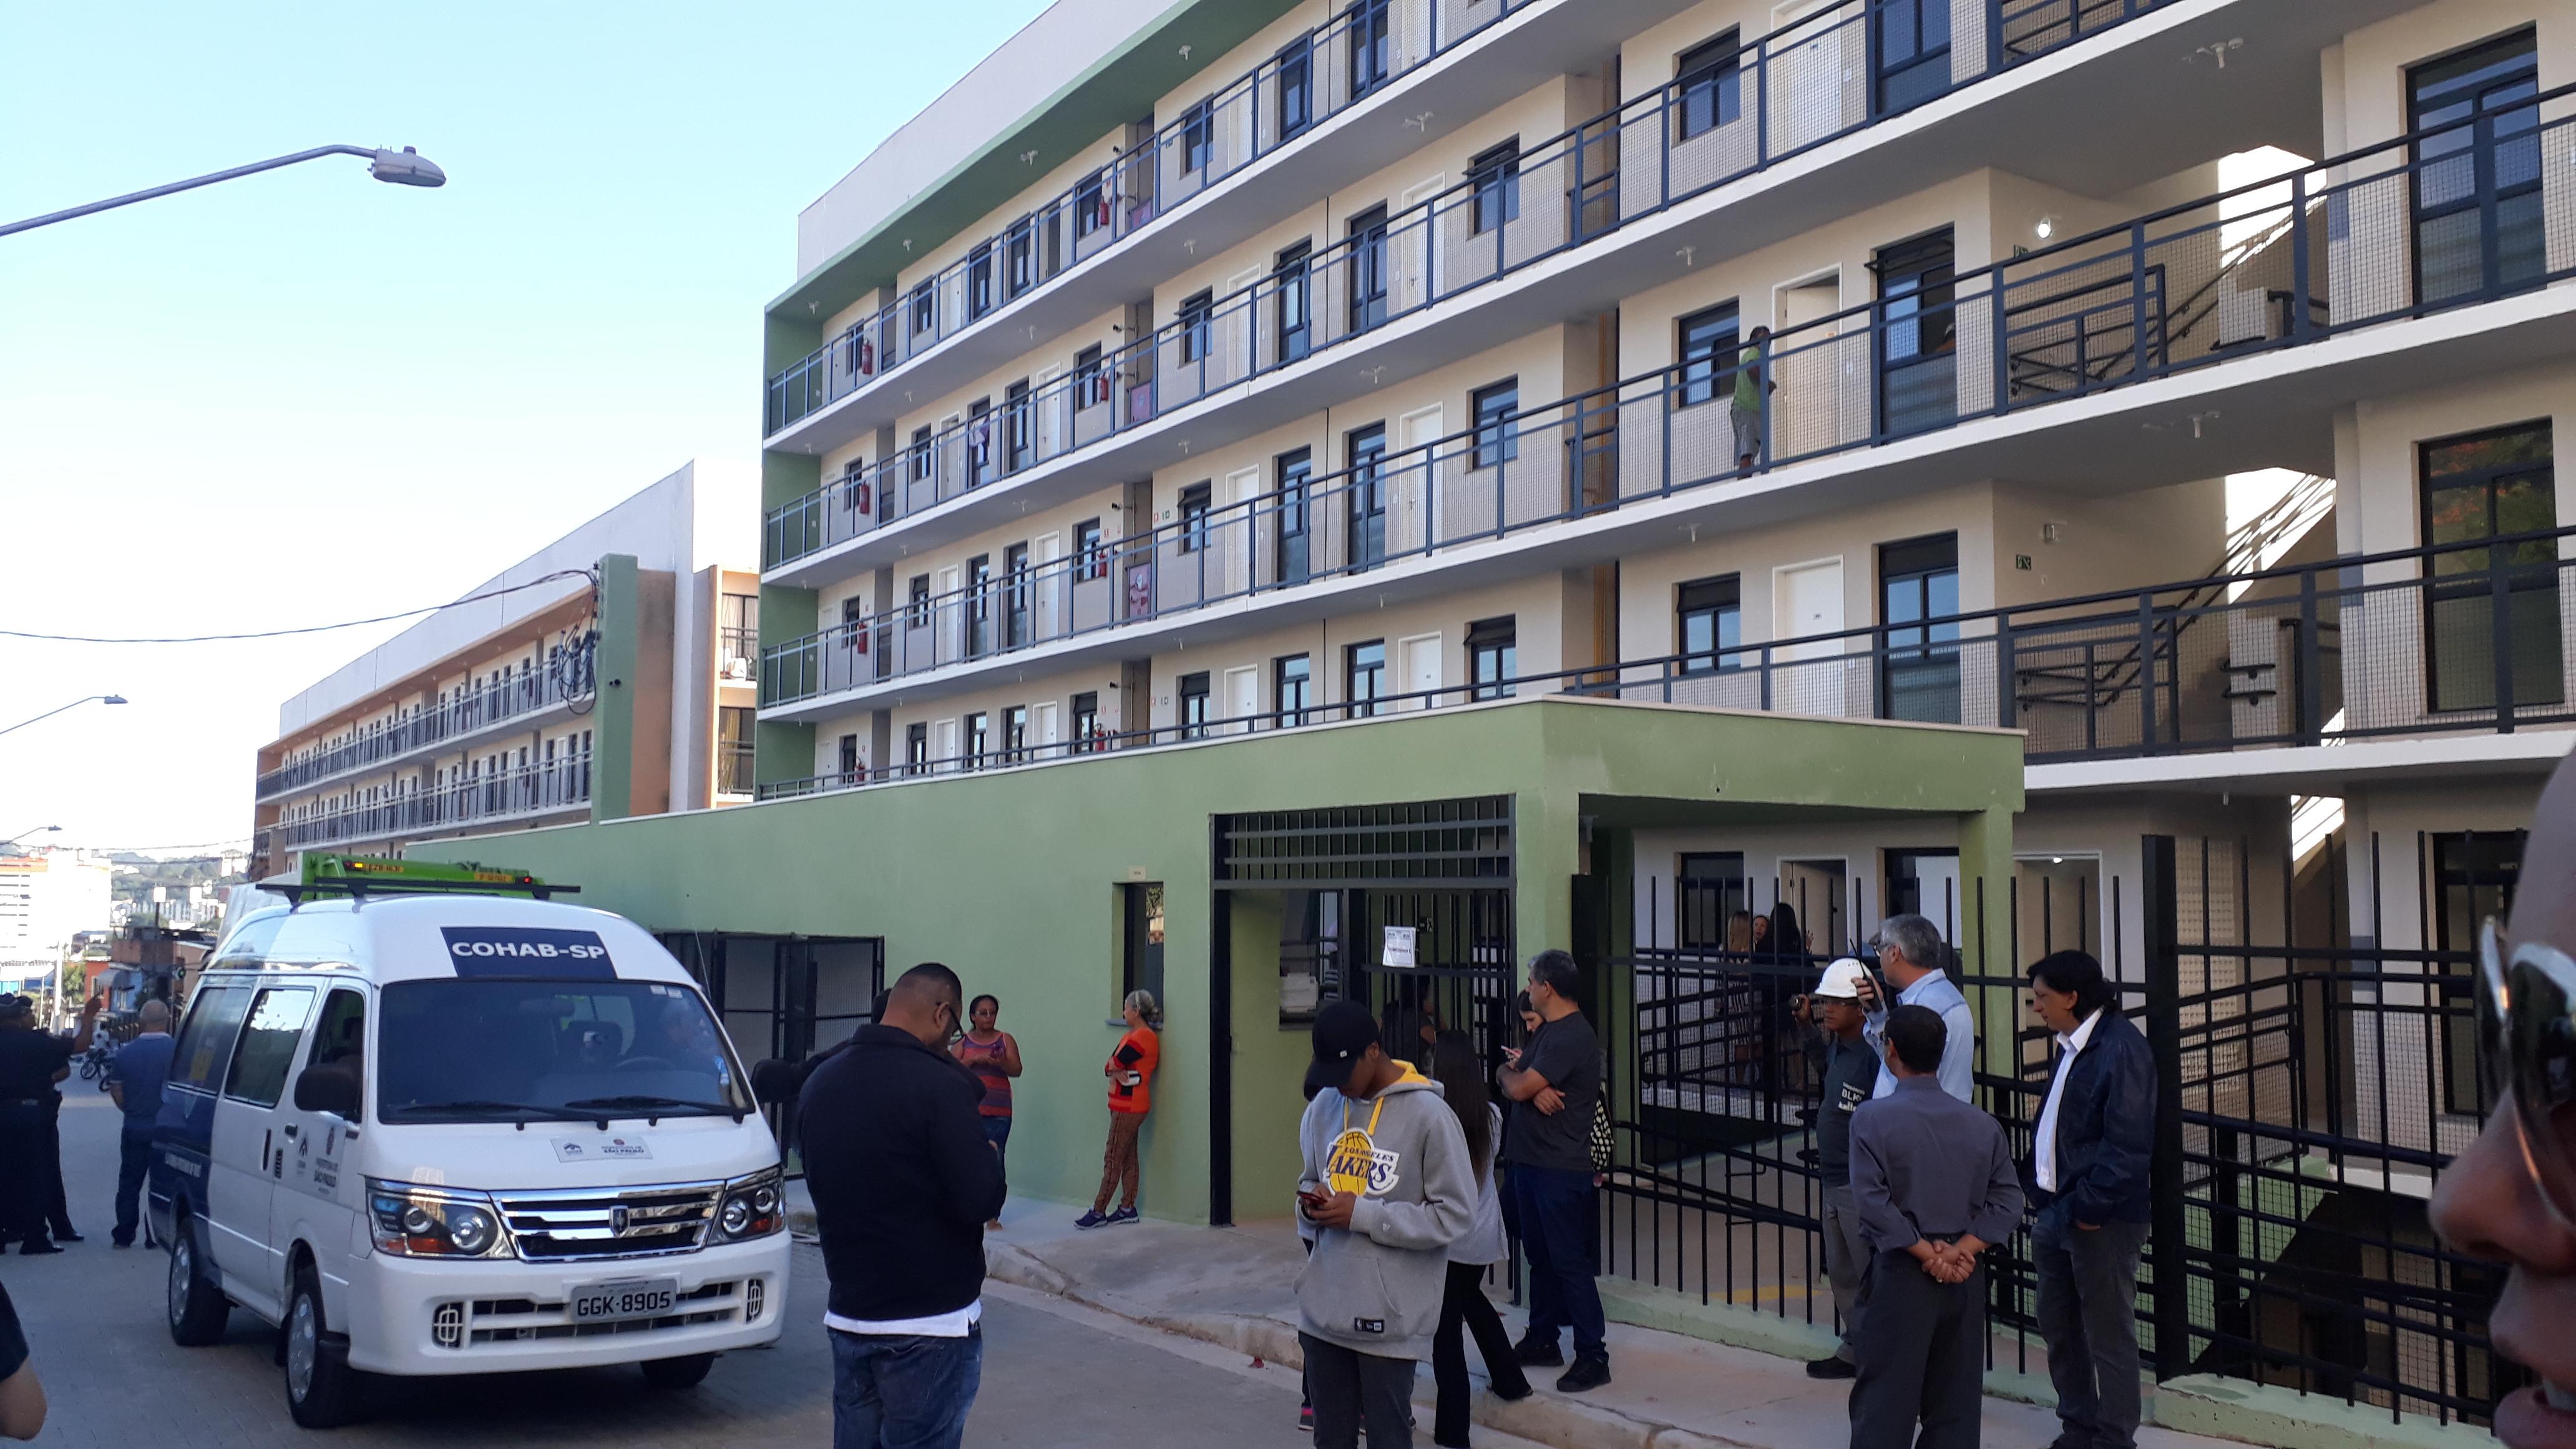 Img 3506 - Prefeitura entrega unidades do Conjunto Habitacional Viela da Paz, no Butantã